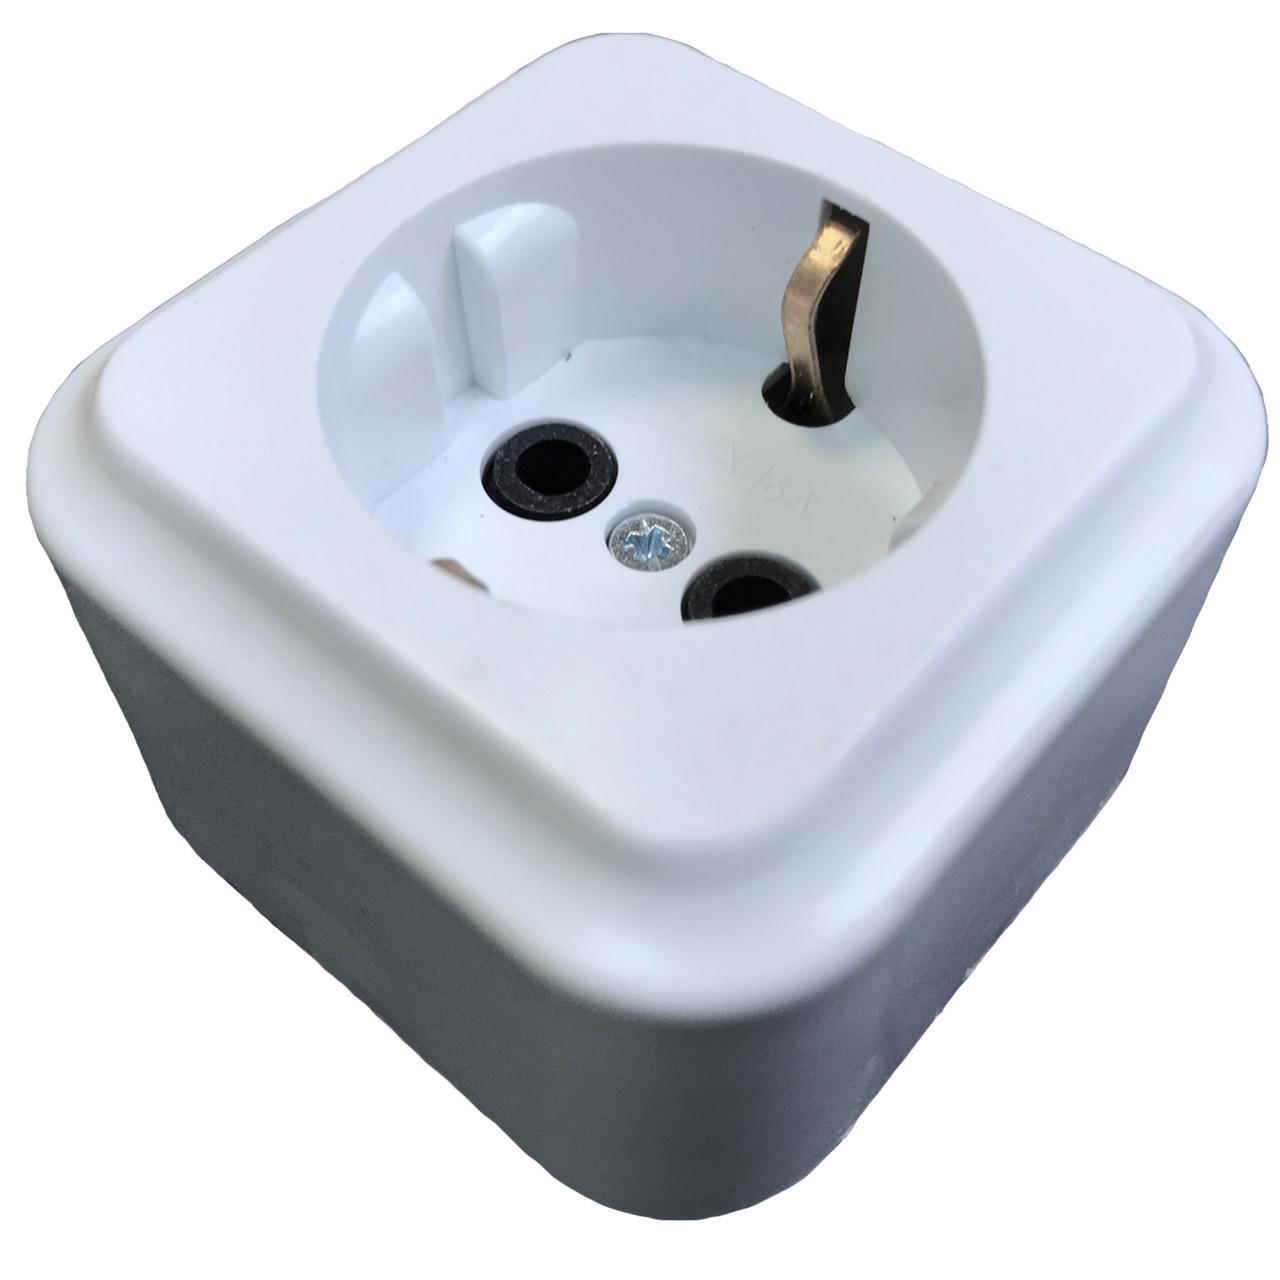 Розетка електрична ЕМР 16А з заземленням колодка одинарна для електромонтажу (матеріал АВС)